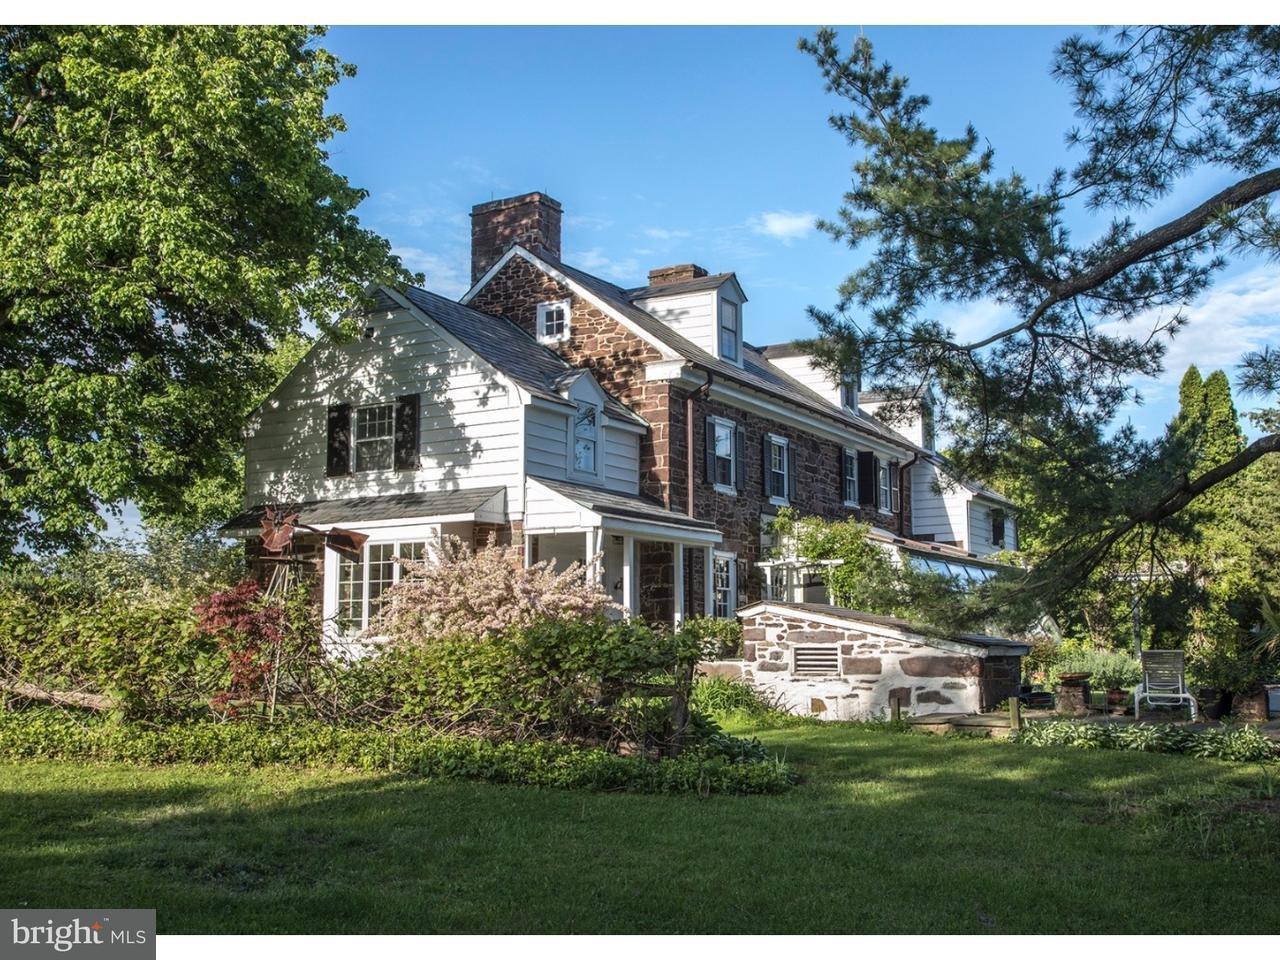 独户住宅 为 销售 在 105 WHISPER WOOD Court Wrightstown, 宾夕法尼亚州 18940 美国